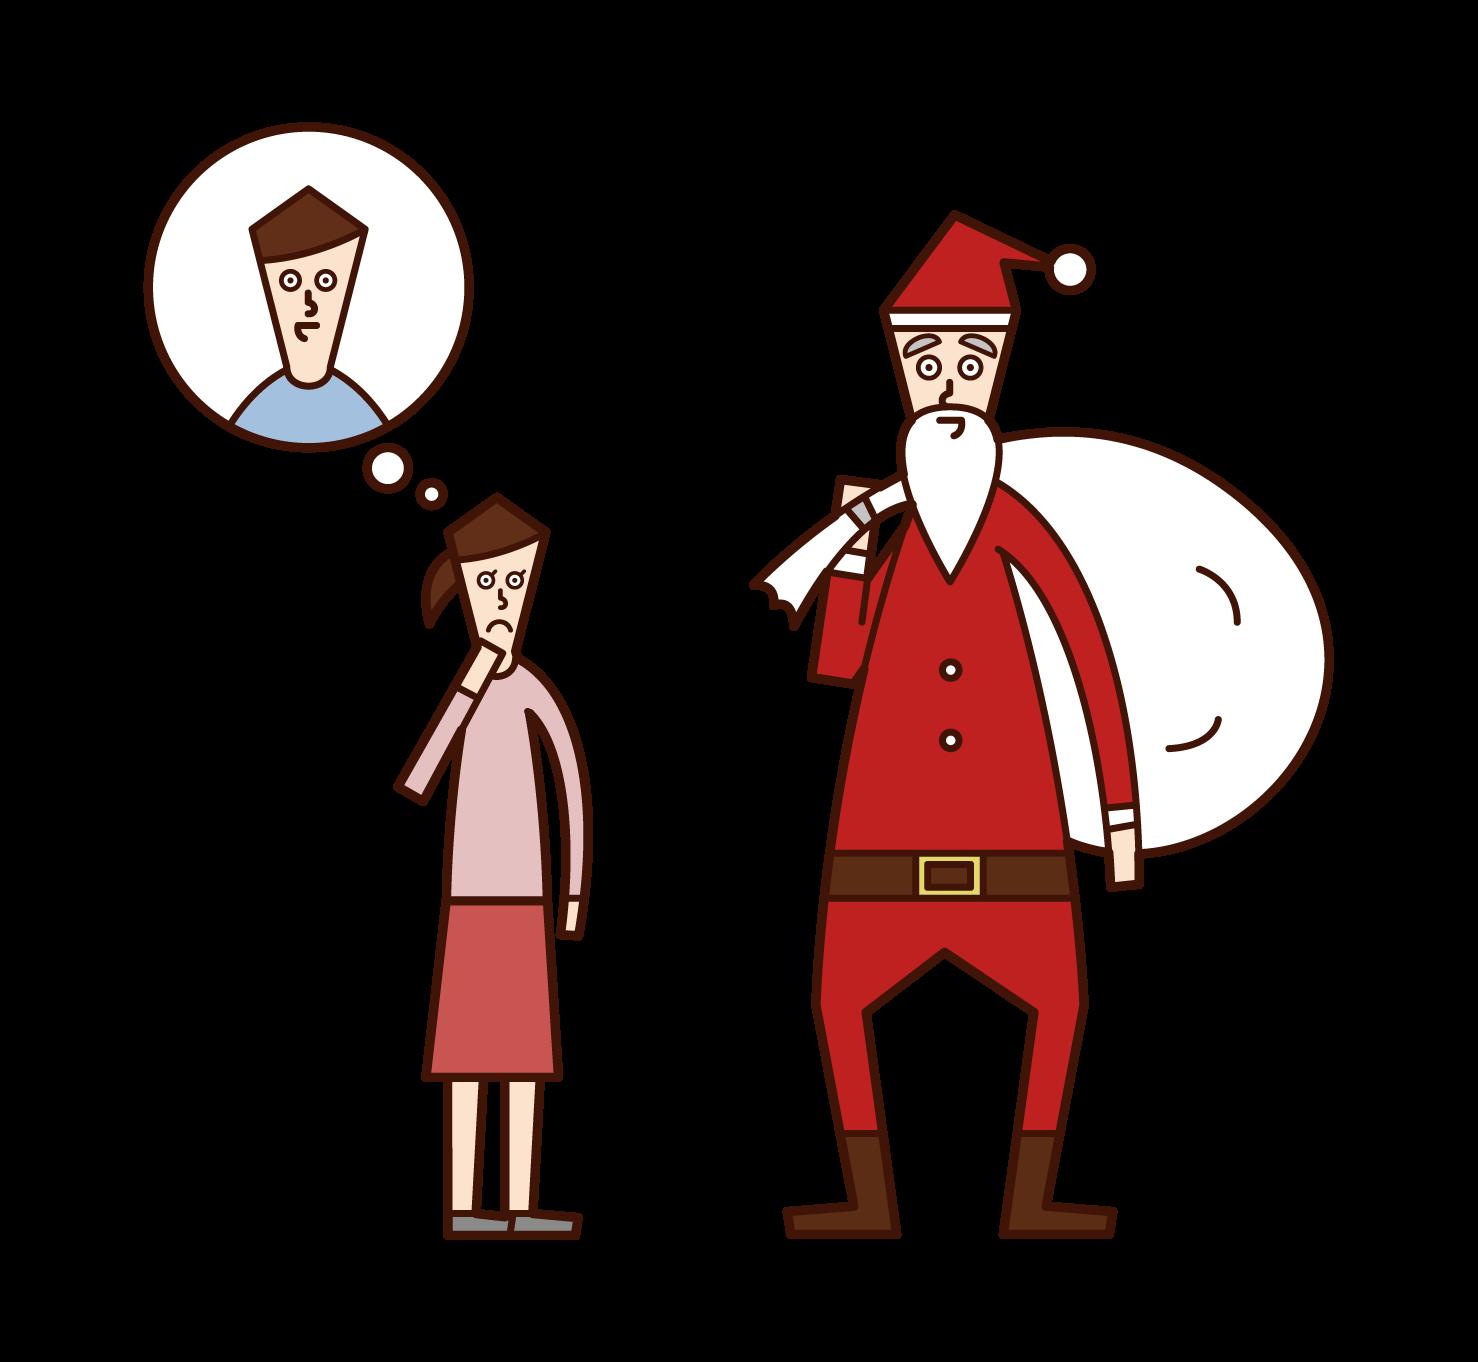 サンタクロースの正体を疑う子供(少女)のイラスト